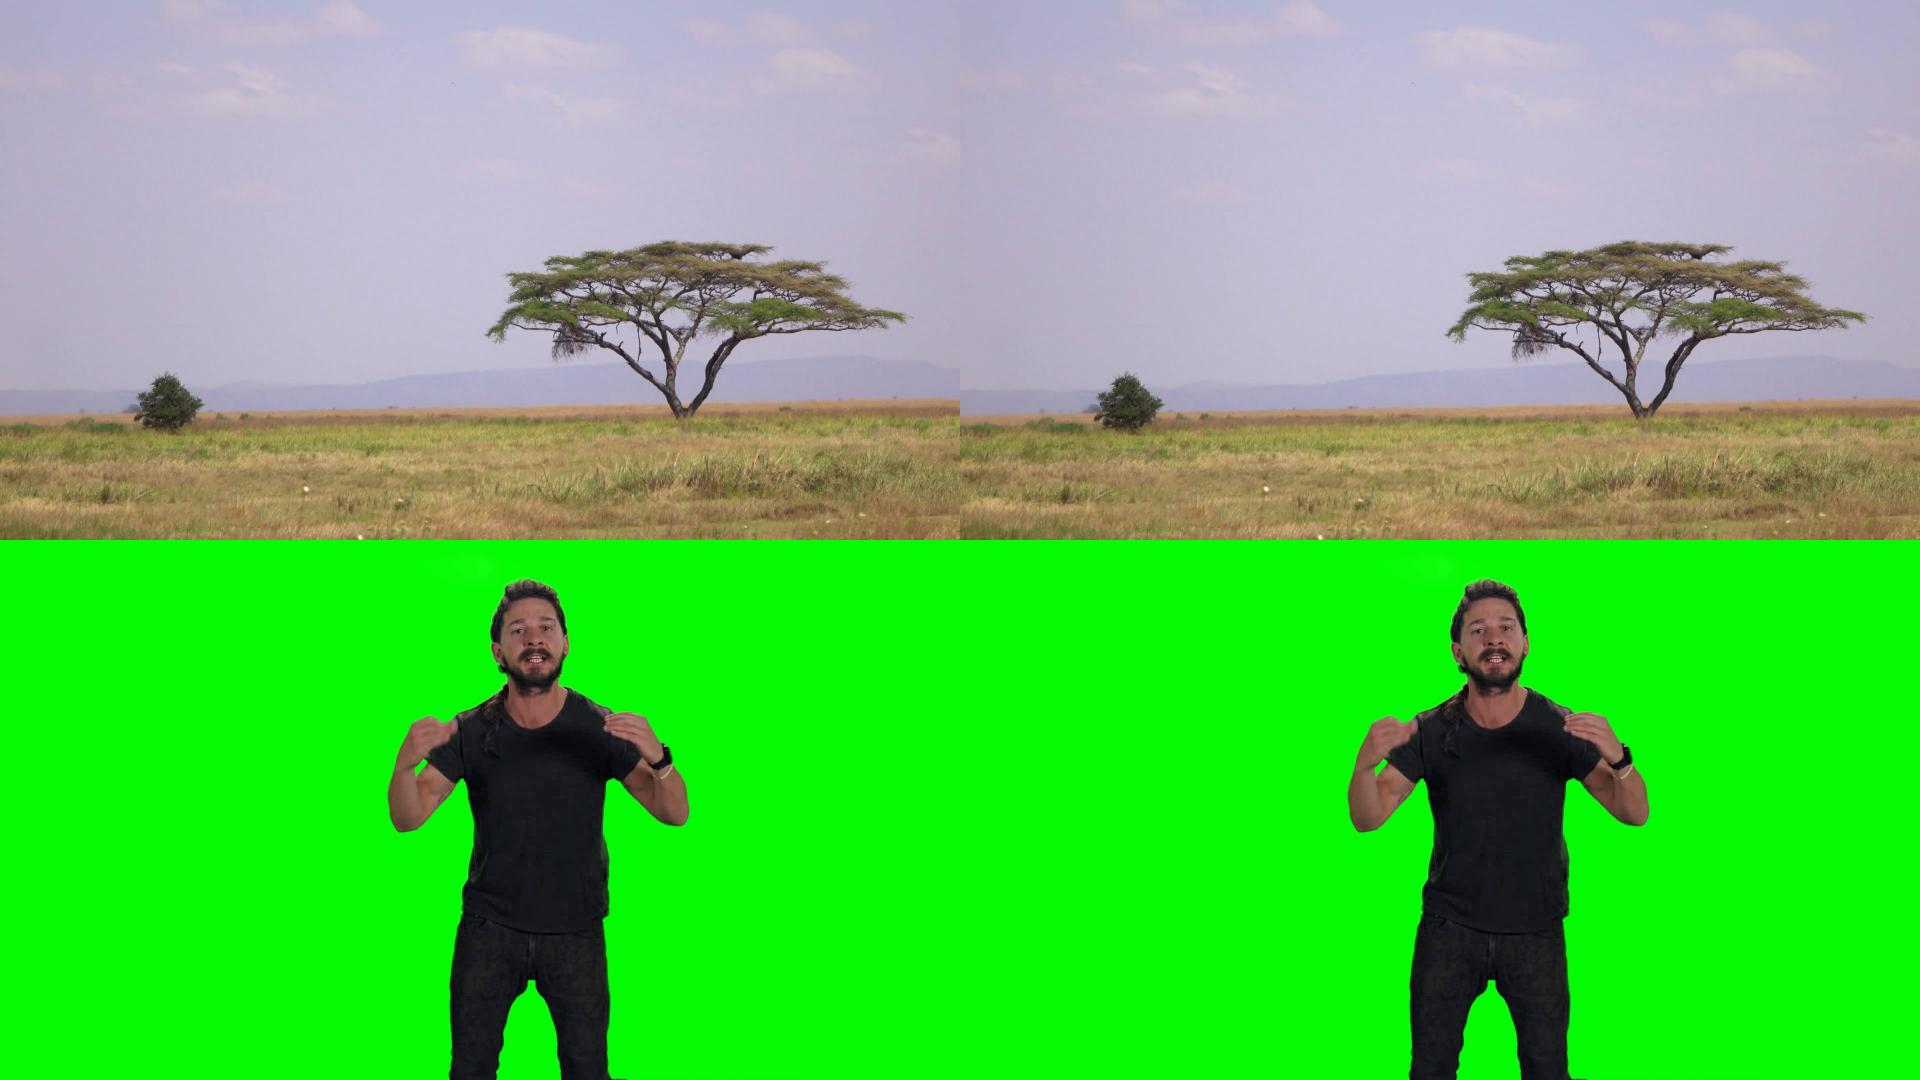 Quad green screen